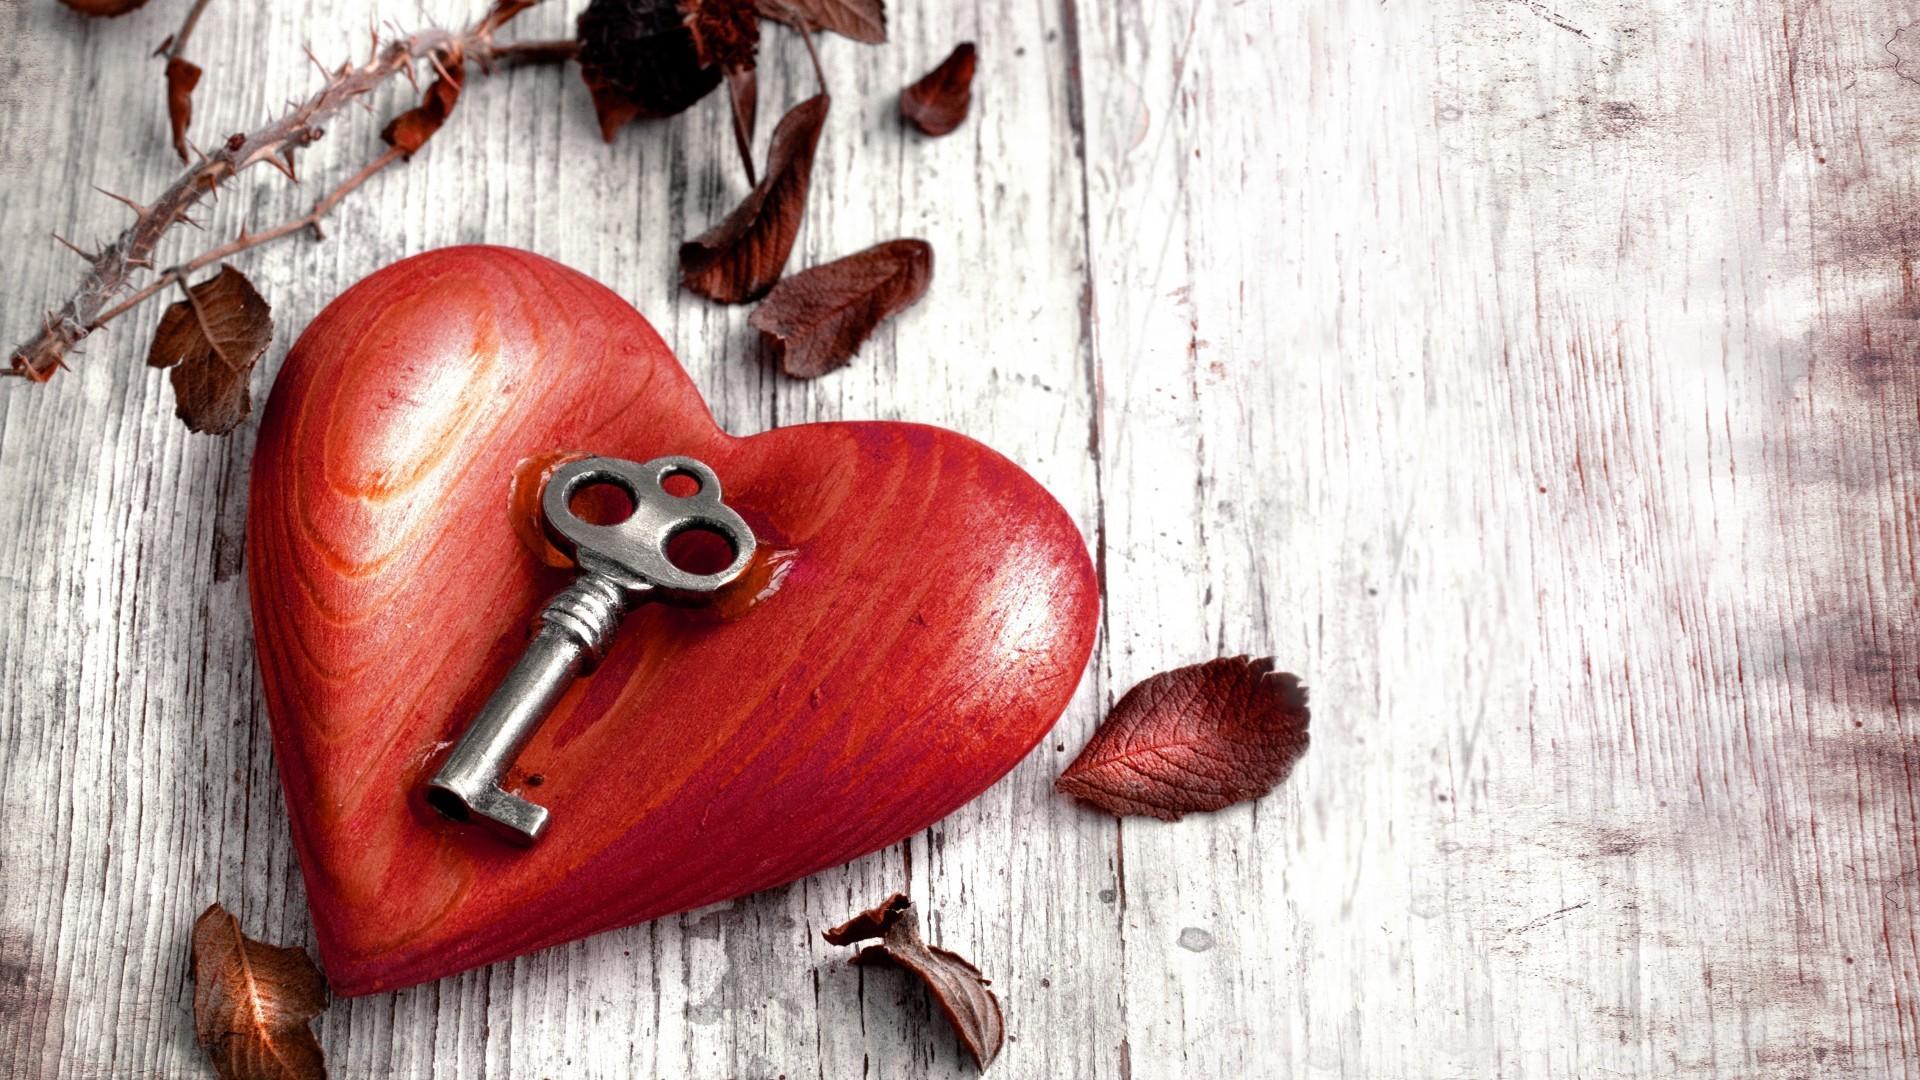 Картинки сердце и ключик, для рабочего стола